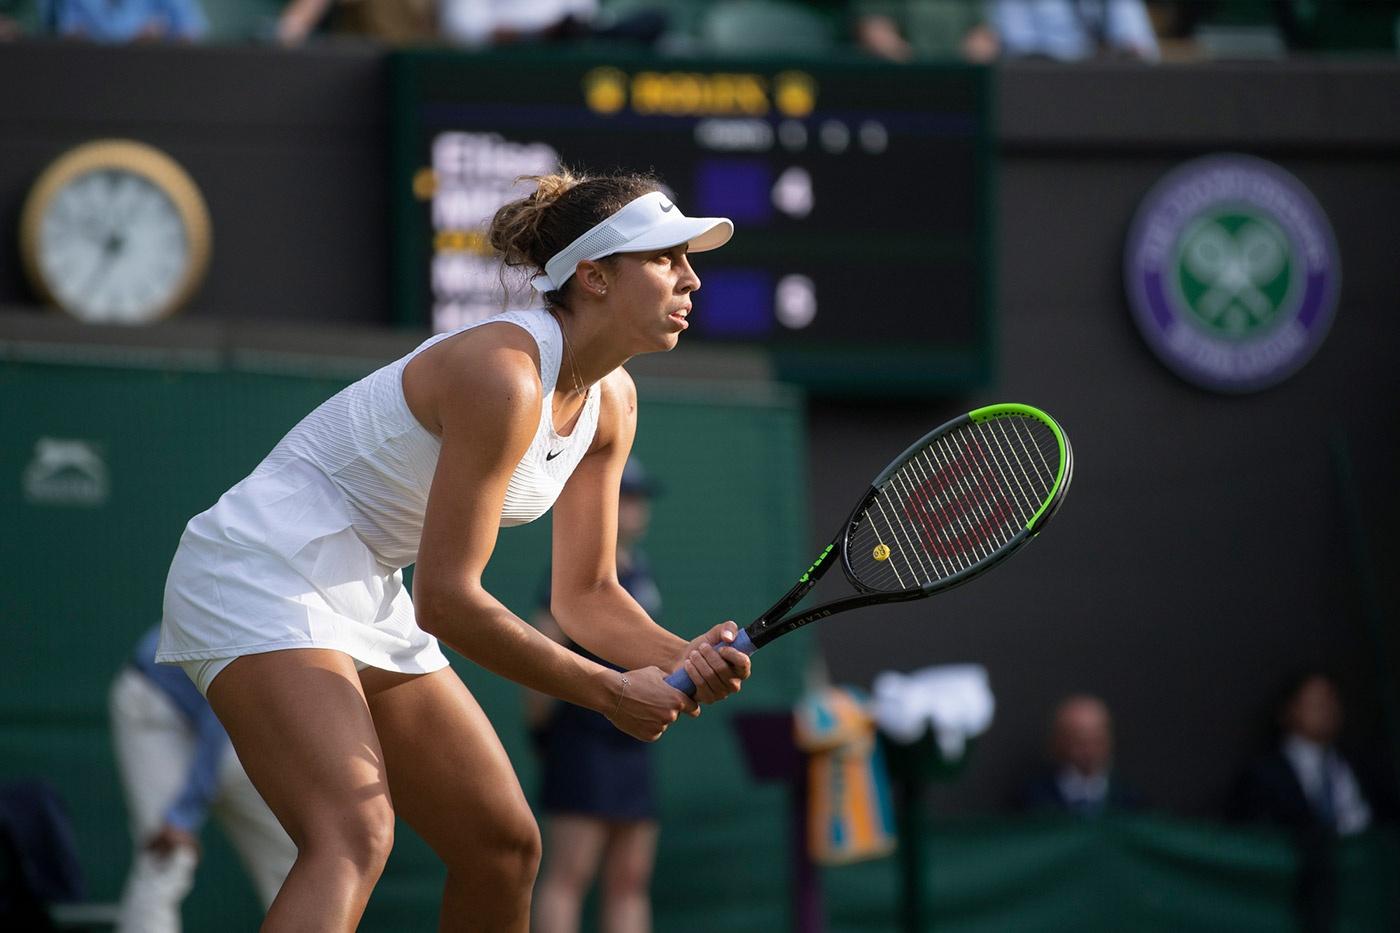 Madison Keys được cho là một trong những tay vợt nữ mạnh nhất tại đấu trường WTA